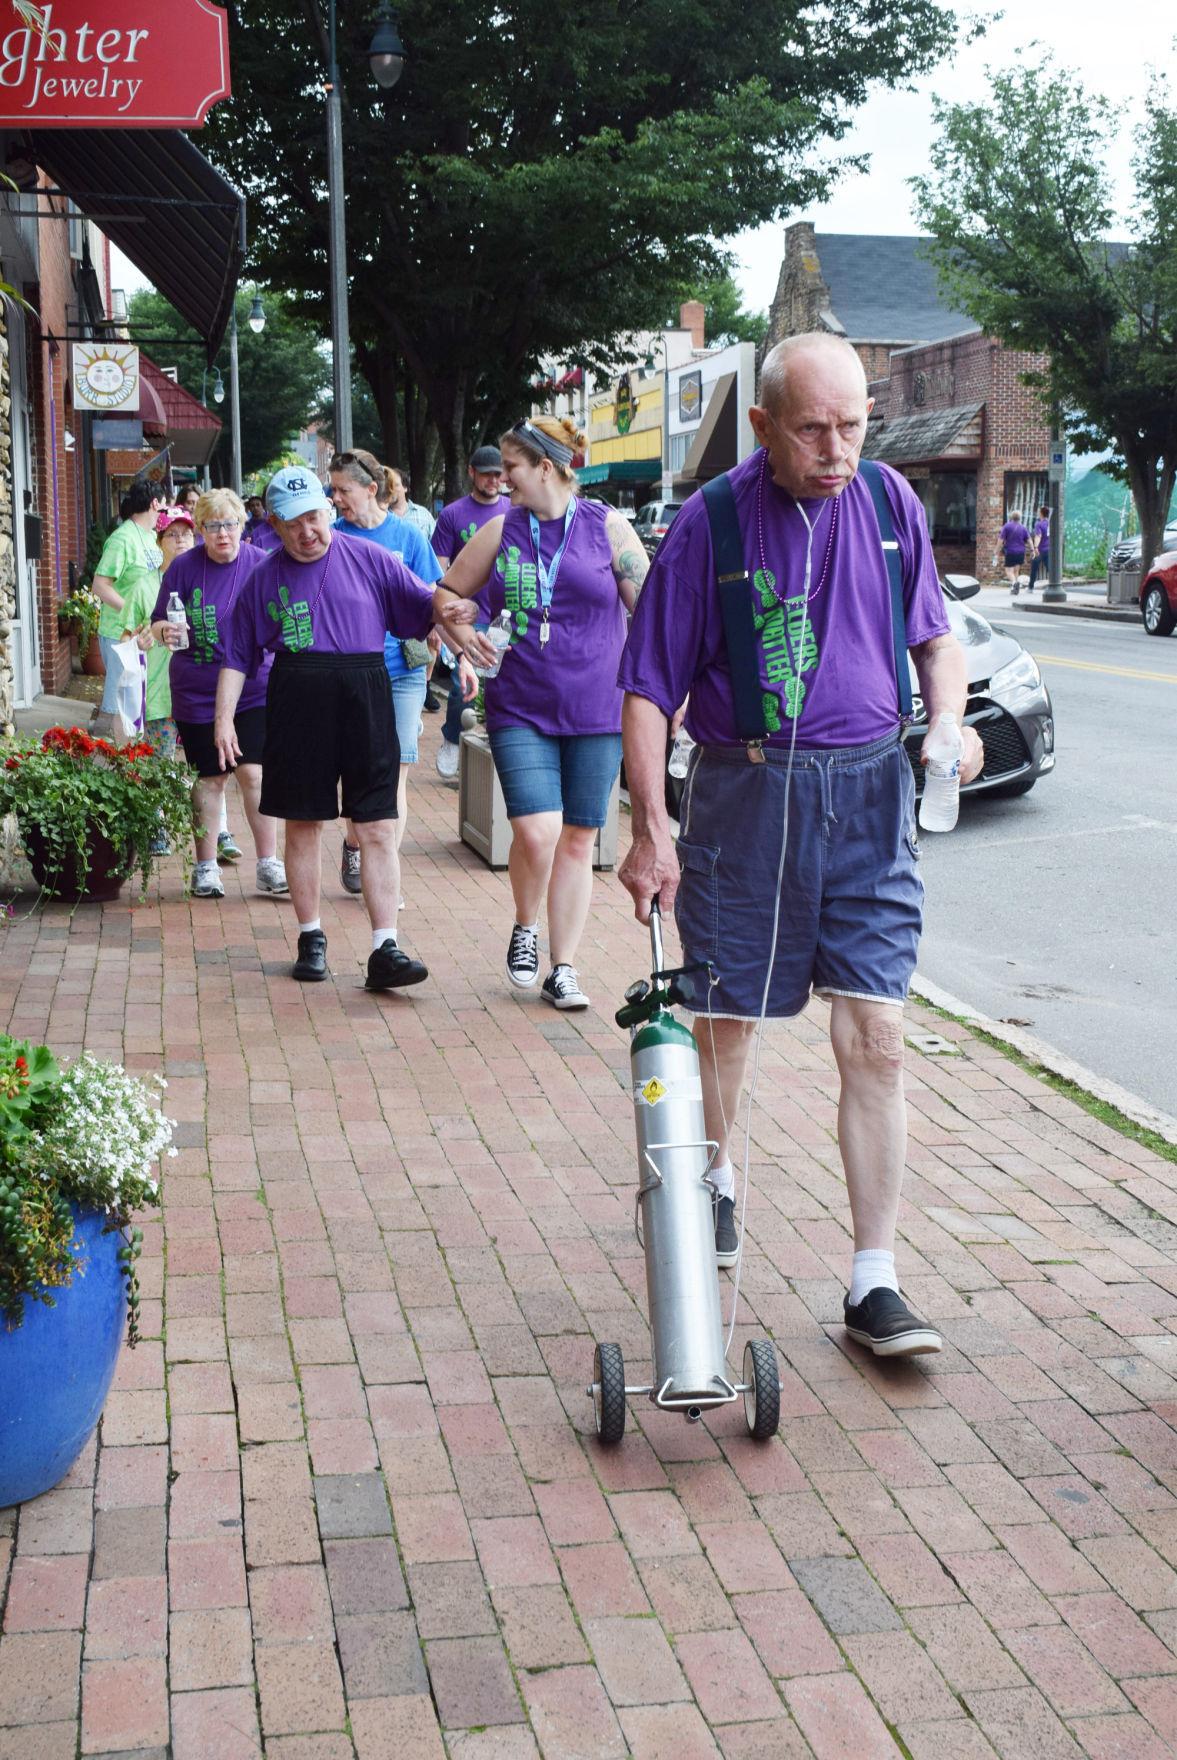 Elder Abuse Walk 2017